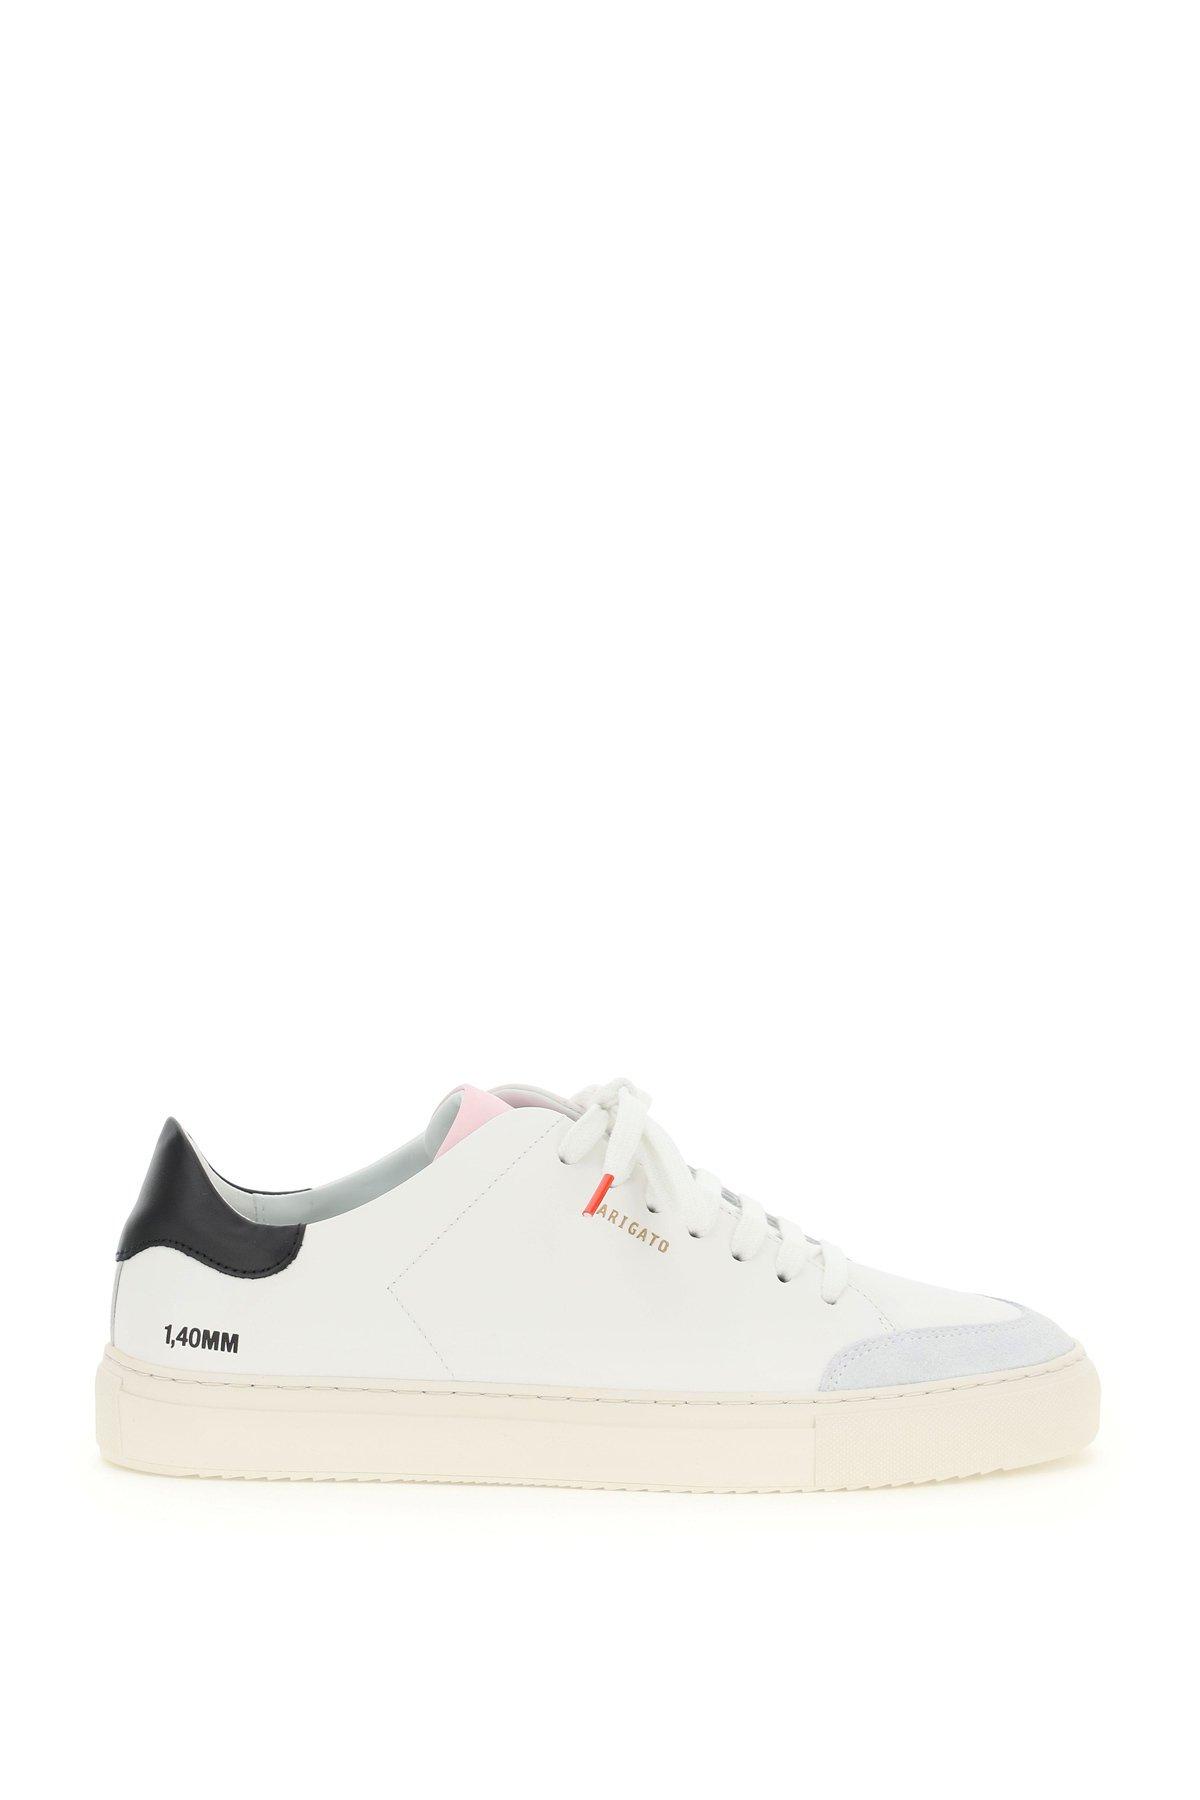 Axel arigato sneakers in pelle clean 90